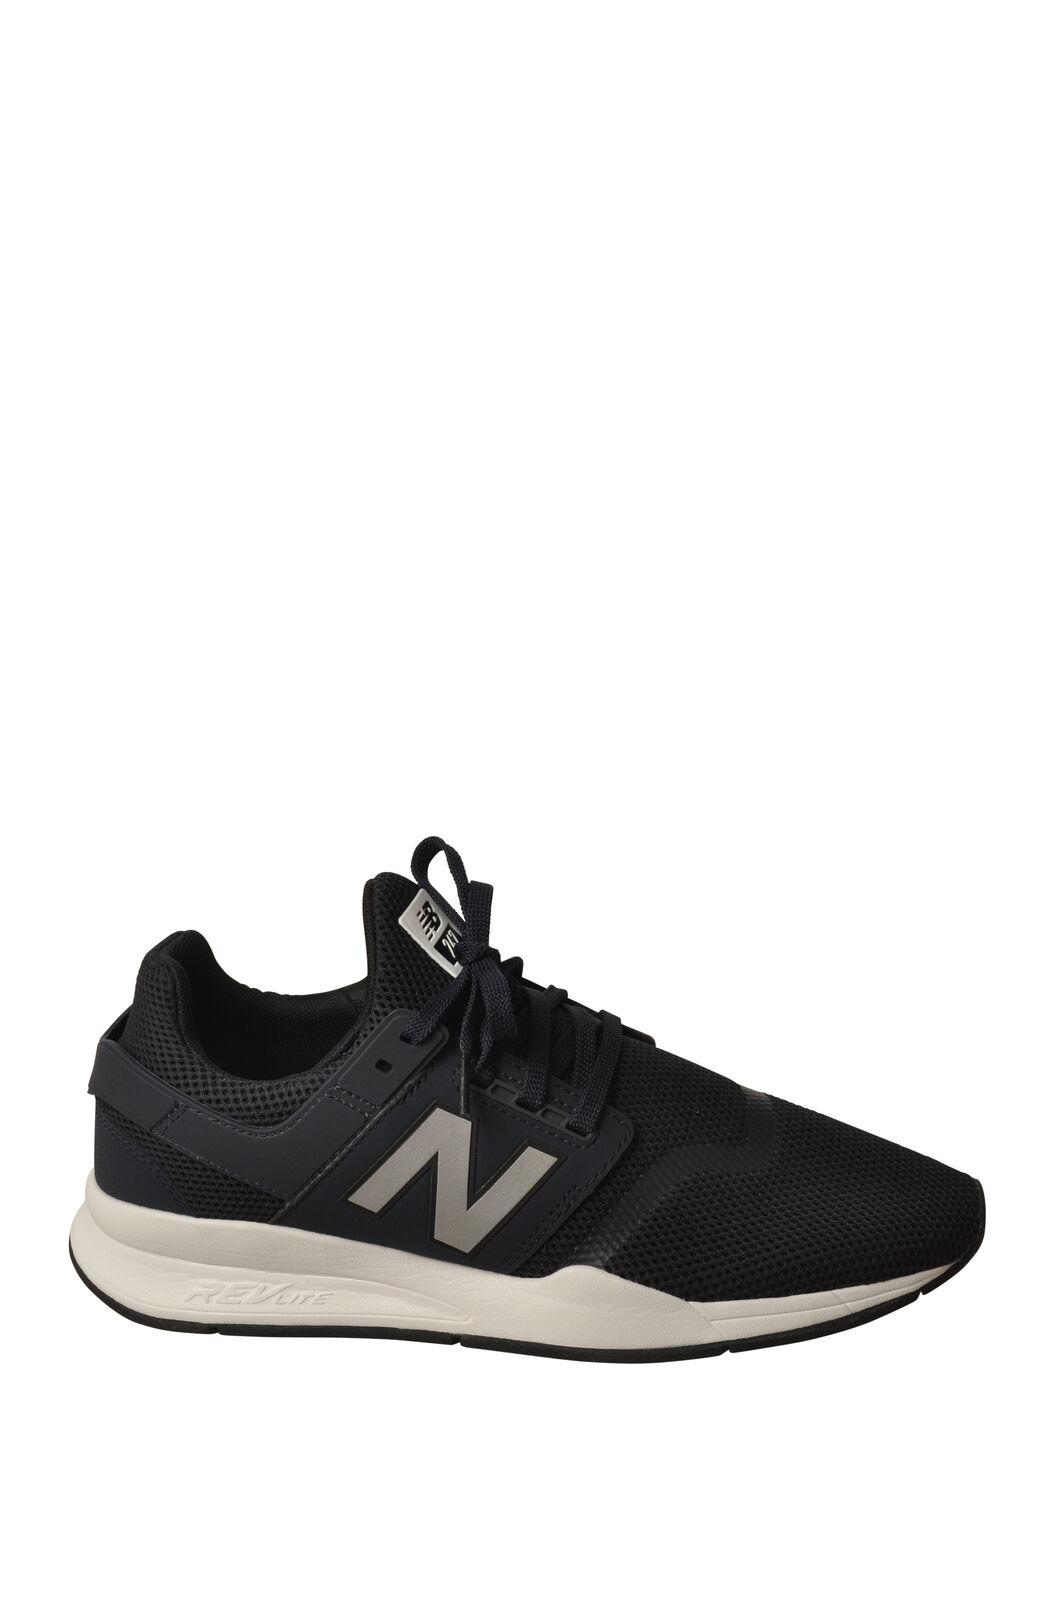 New Balance - chaussures-Lace Up - Man - bleu - 6217307E192544